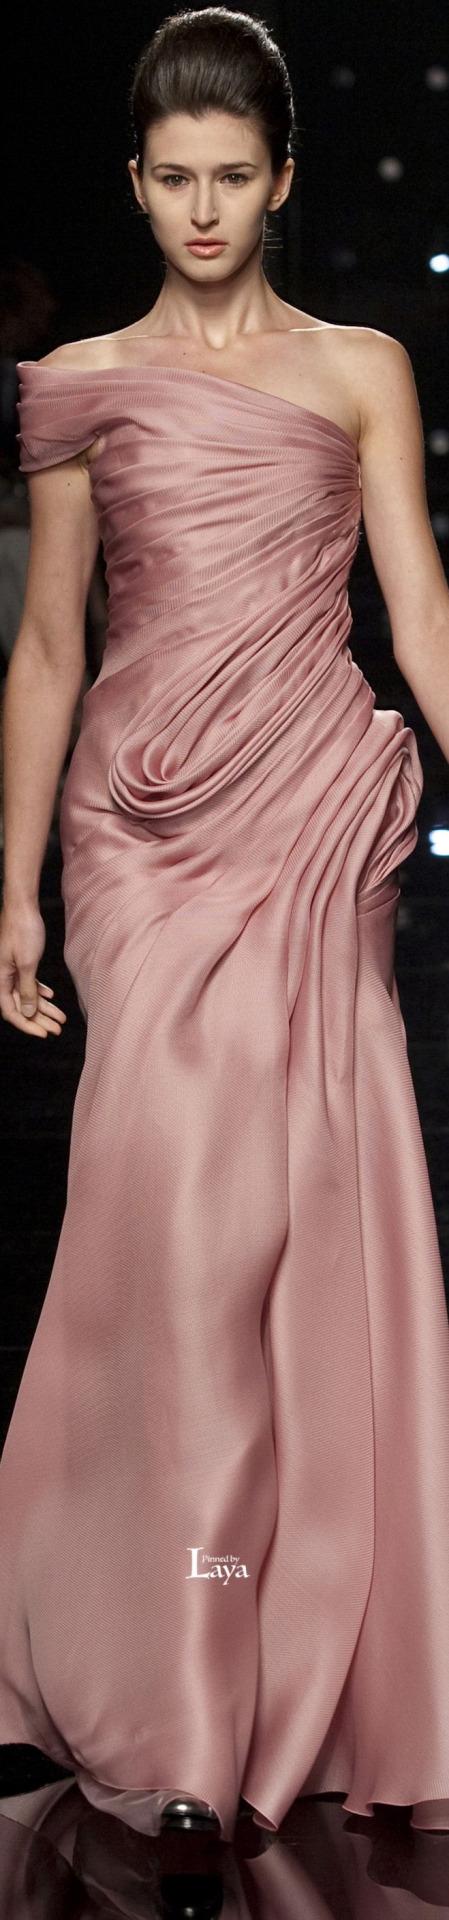 Dorable Vestidos De Dama Polvorientos Ideas Ornamento Elaboración ...